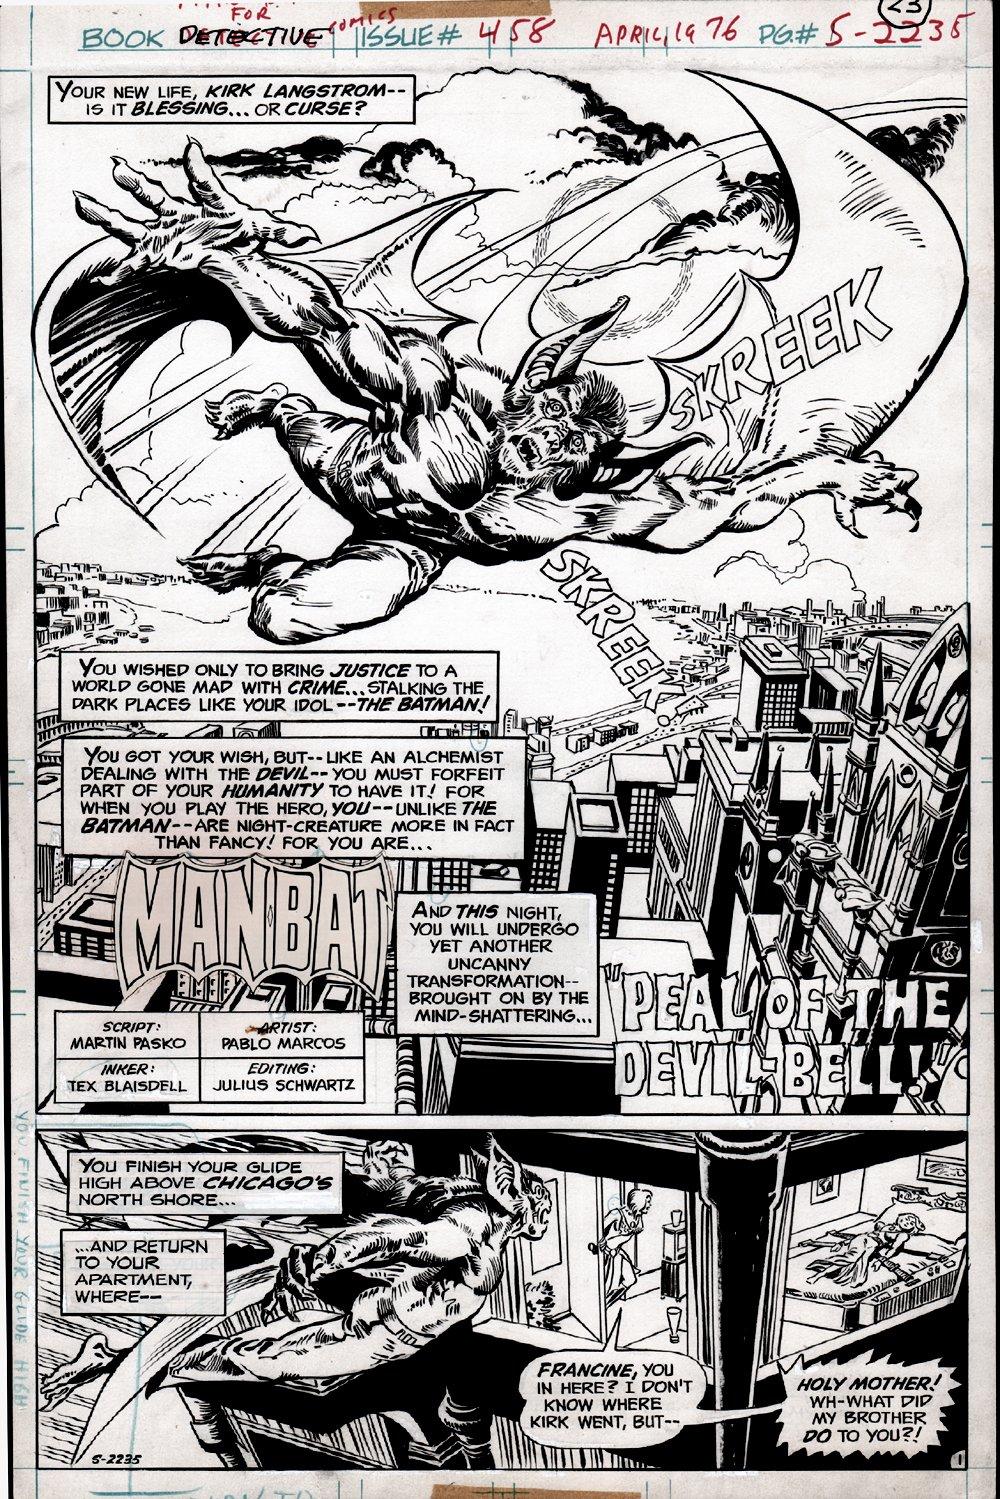 Detective Comics #458 p 1 SPLASH (MAN-BAT!) 1975